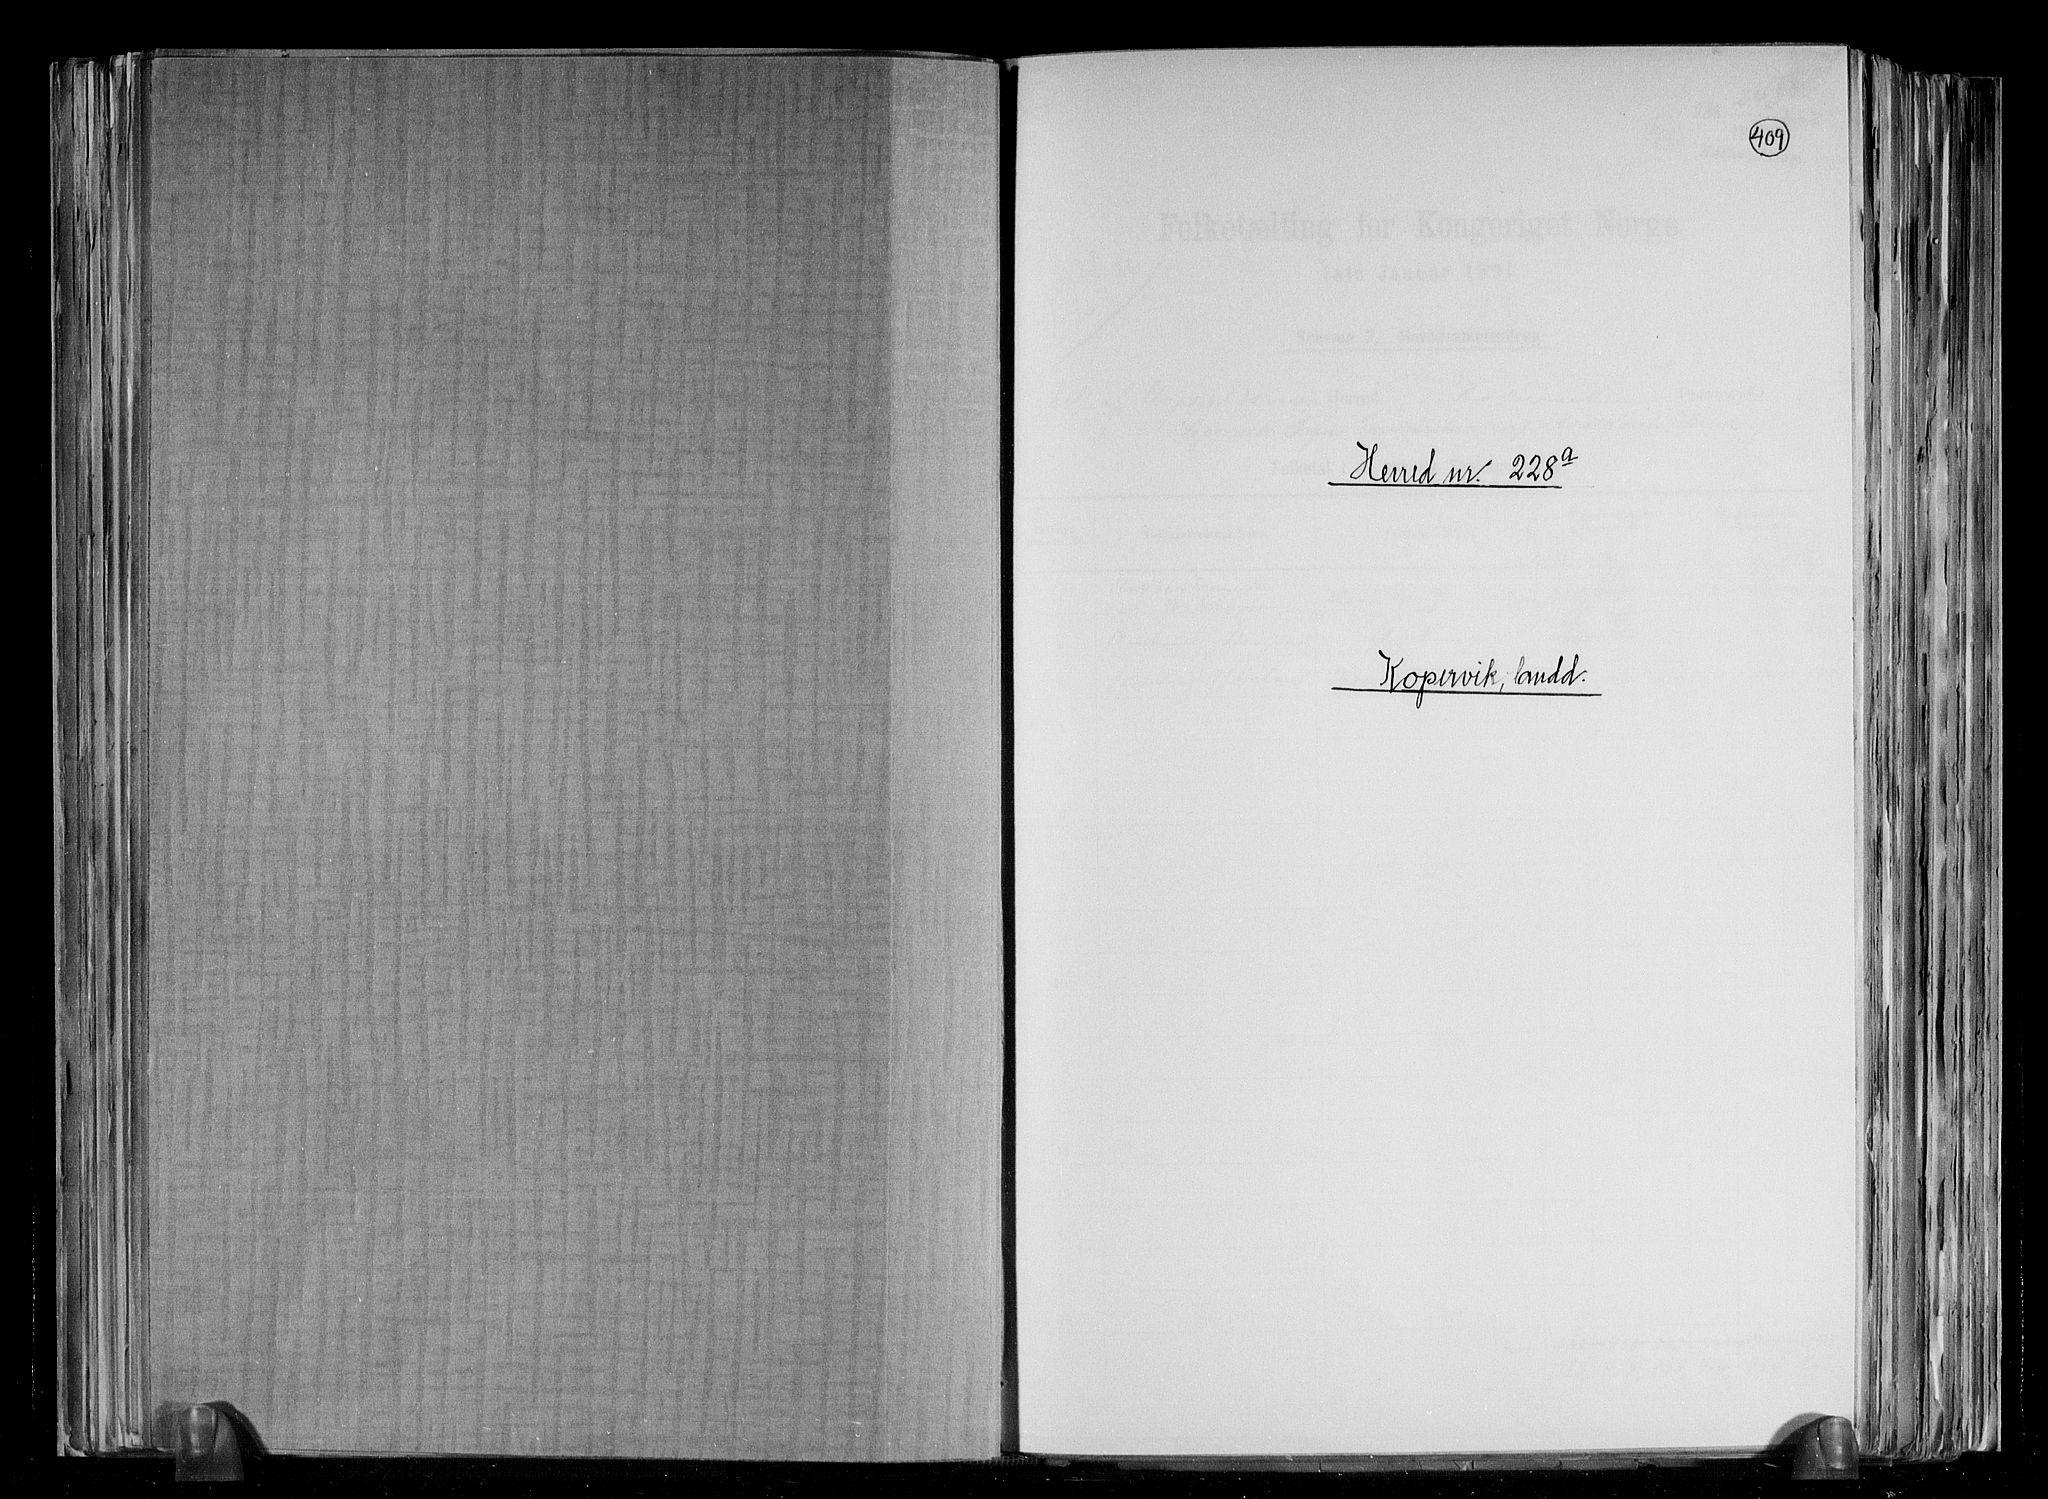 RA, Folketelling 1891 for 1147 Avaldsnes herred, 1891, s. 1